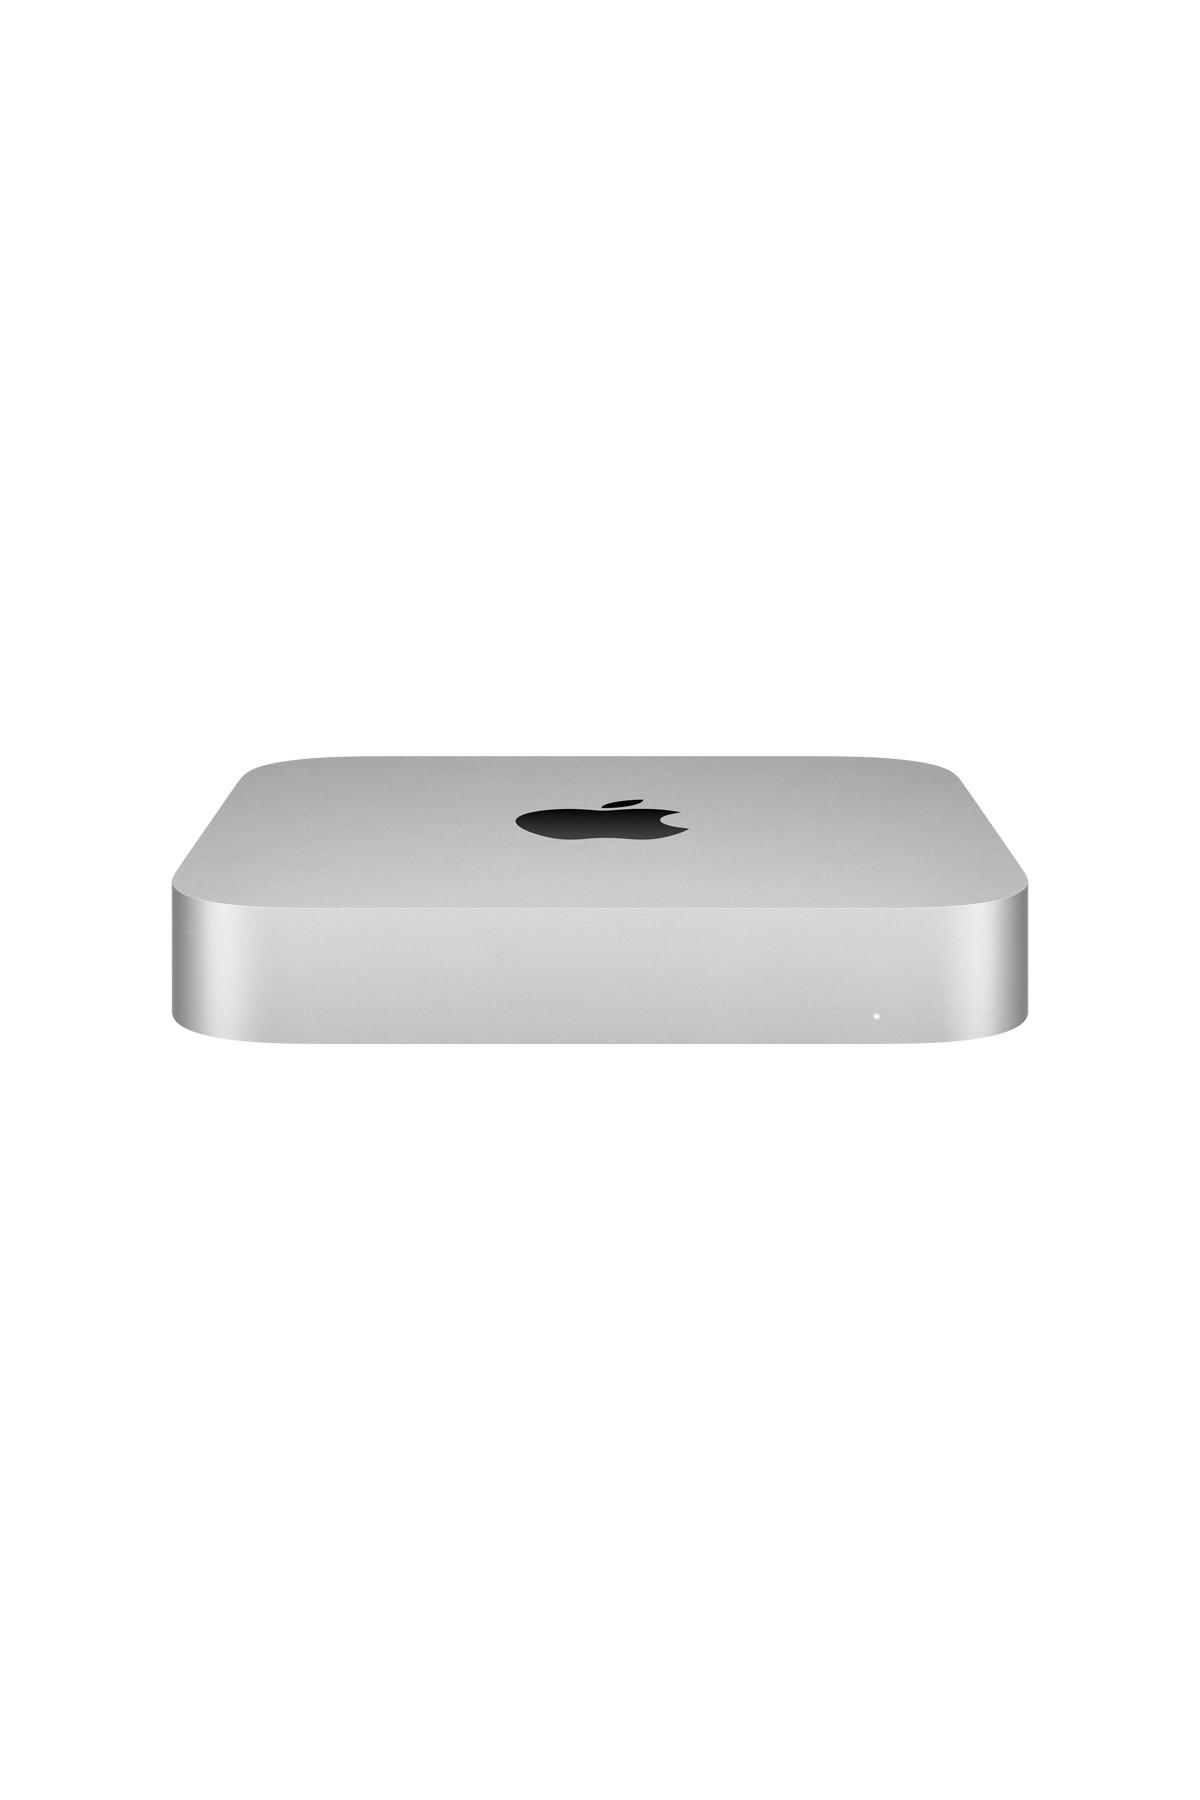 Apple Mac Mini - Silver/M1 Chip 8-Core CPU & 8-Core GPU/8GB/512GB/GIGABIT ETHERNET